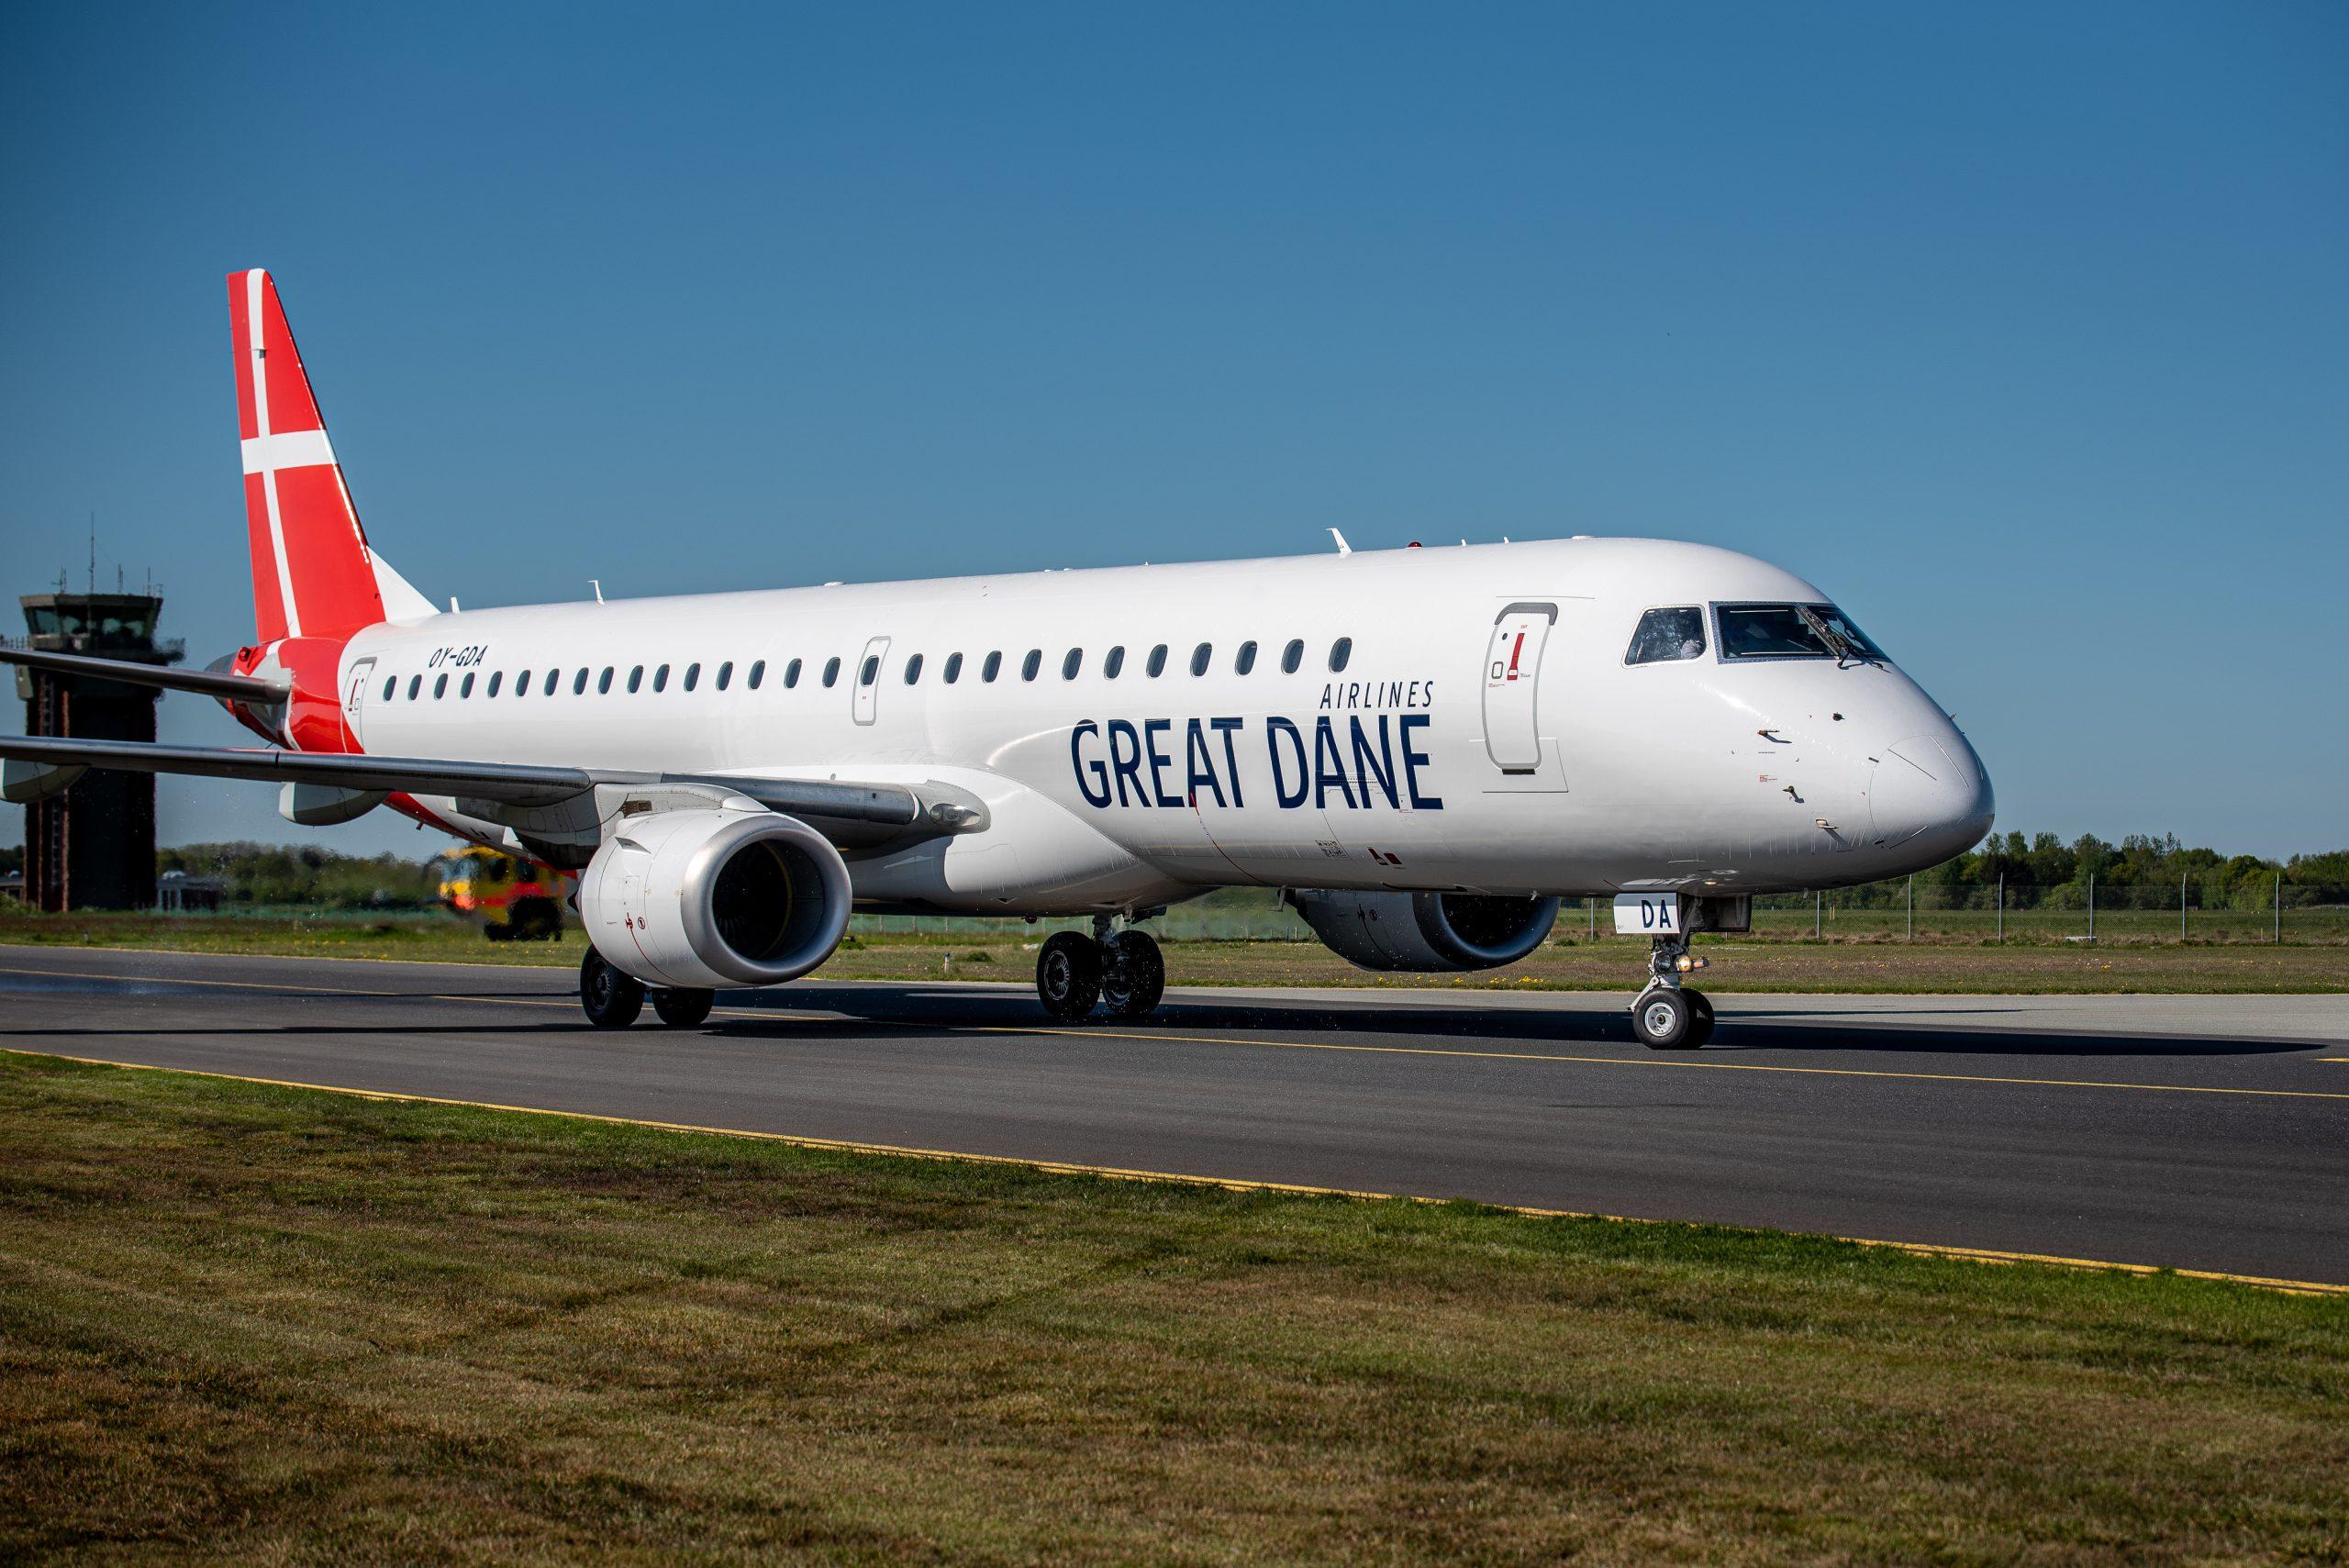 Great Dane Airlines ved endnu ikke, hvor mange passagerer det danske flyselskab kommer til at flyve med denne sommersæson. Det afhænger naturligvis af hvornår grænserne genåbnes. Arkivpressefoto: Great Dane Airlines.